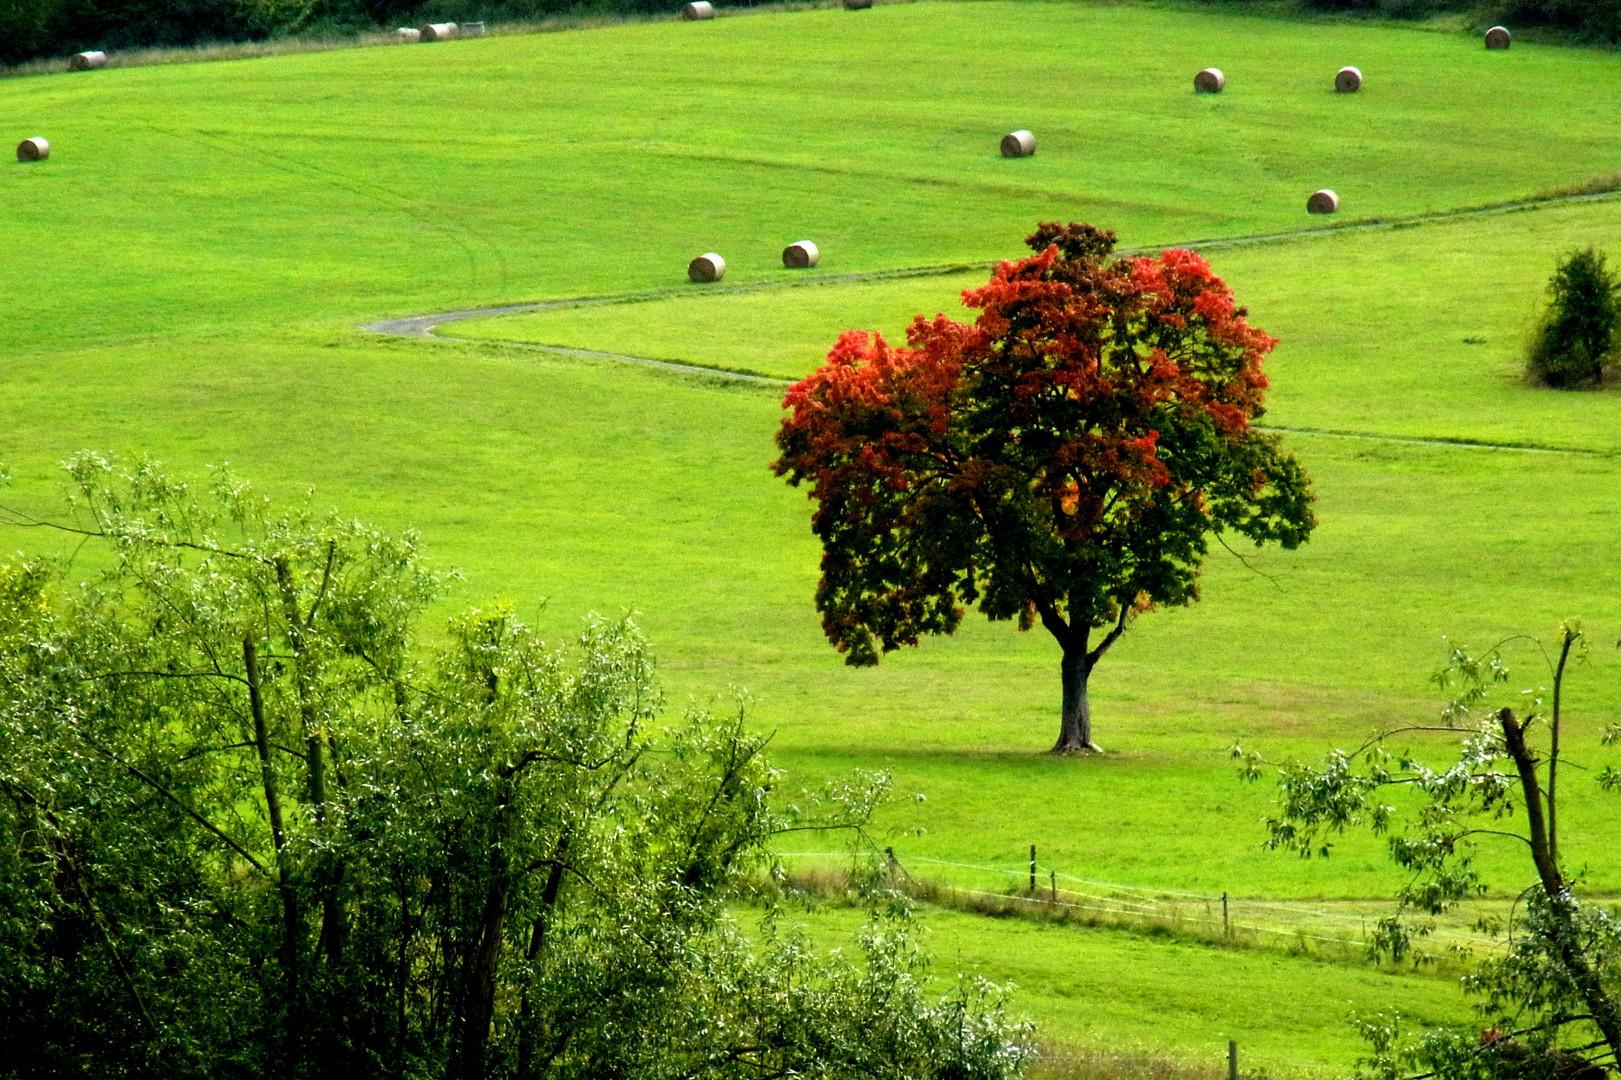 Indian Summer - Roter Baum auf grüner Wiese